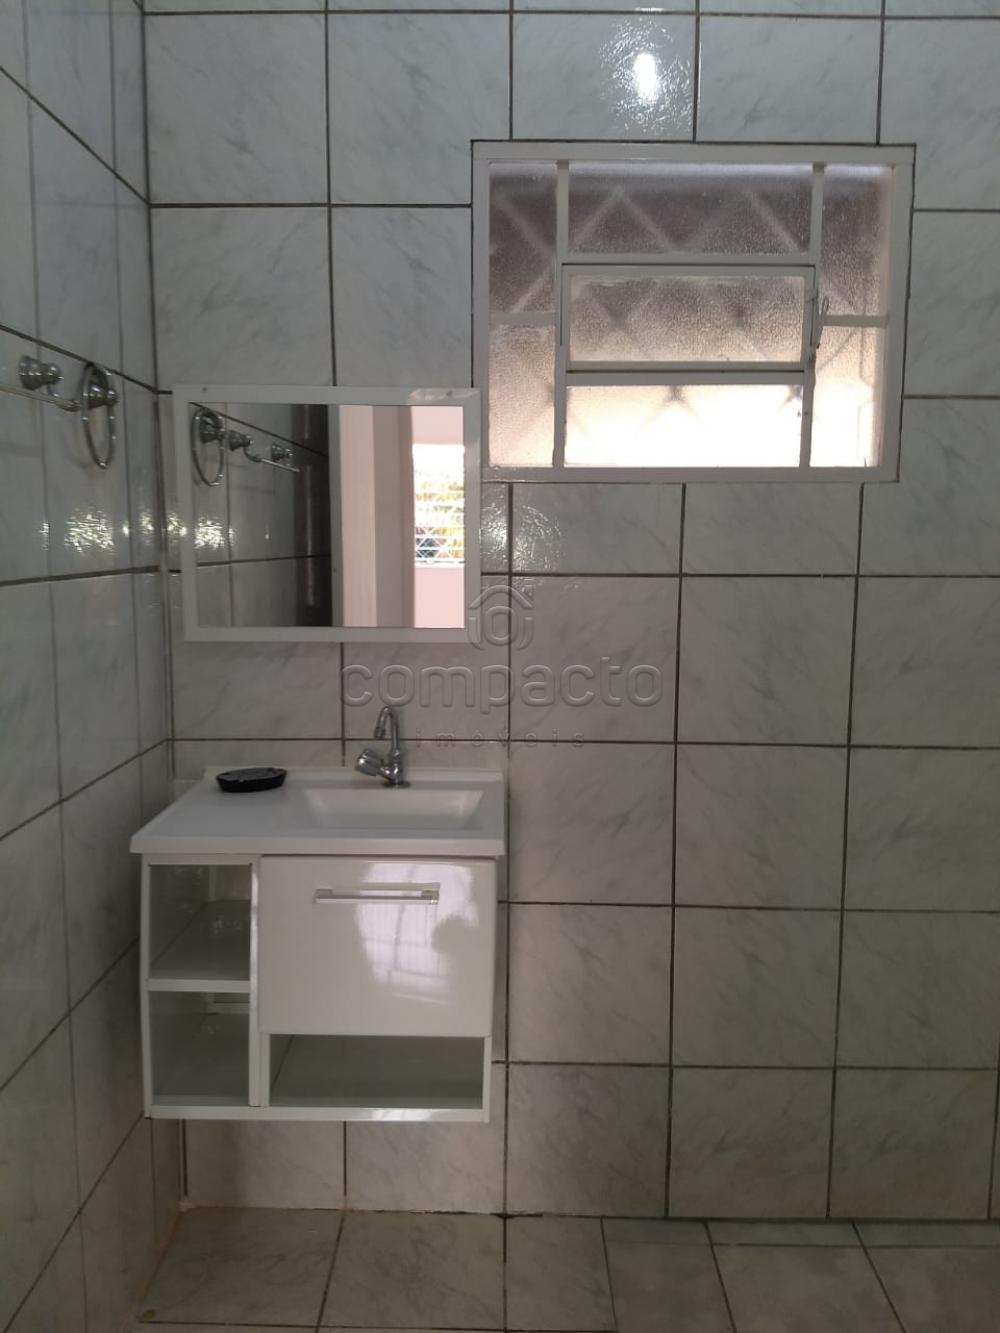 Comprar Rural / Chácara em São José do Rio Preto apenas R$ 254.400,00 - Foto 10